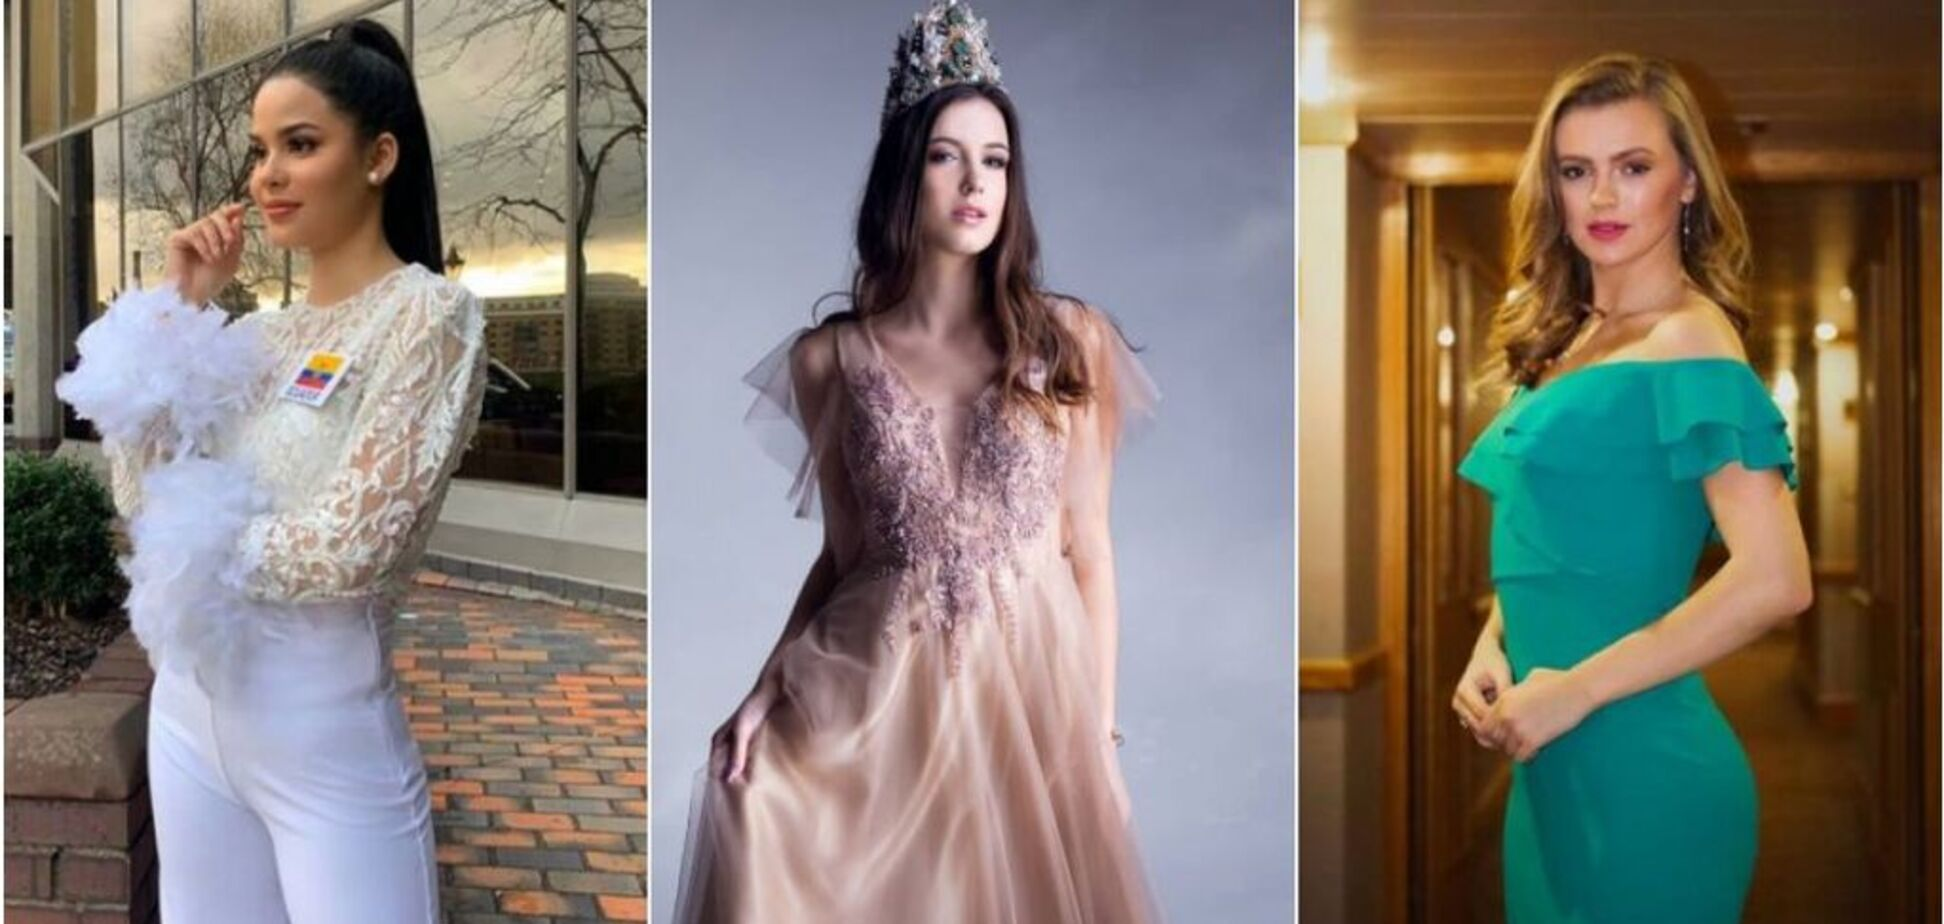 'Міс Світу – 2019': коли конкурс і хто поїхав від України